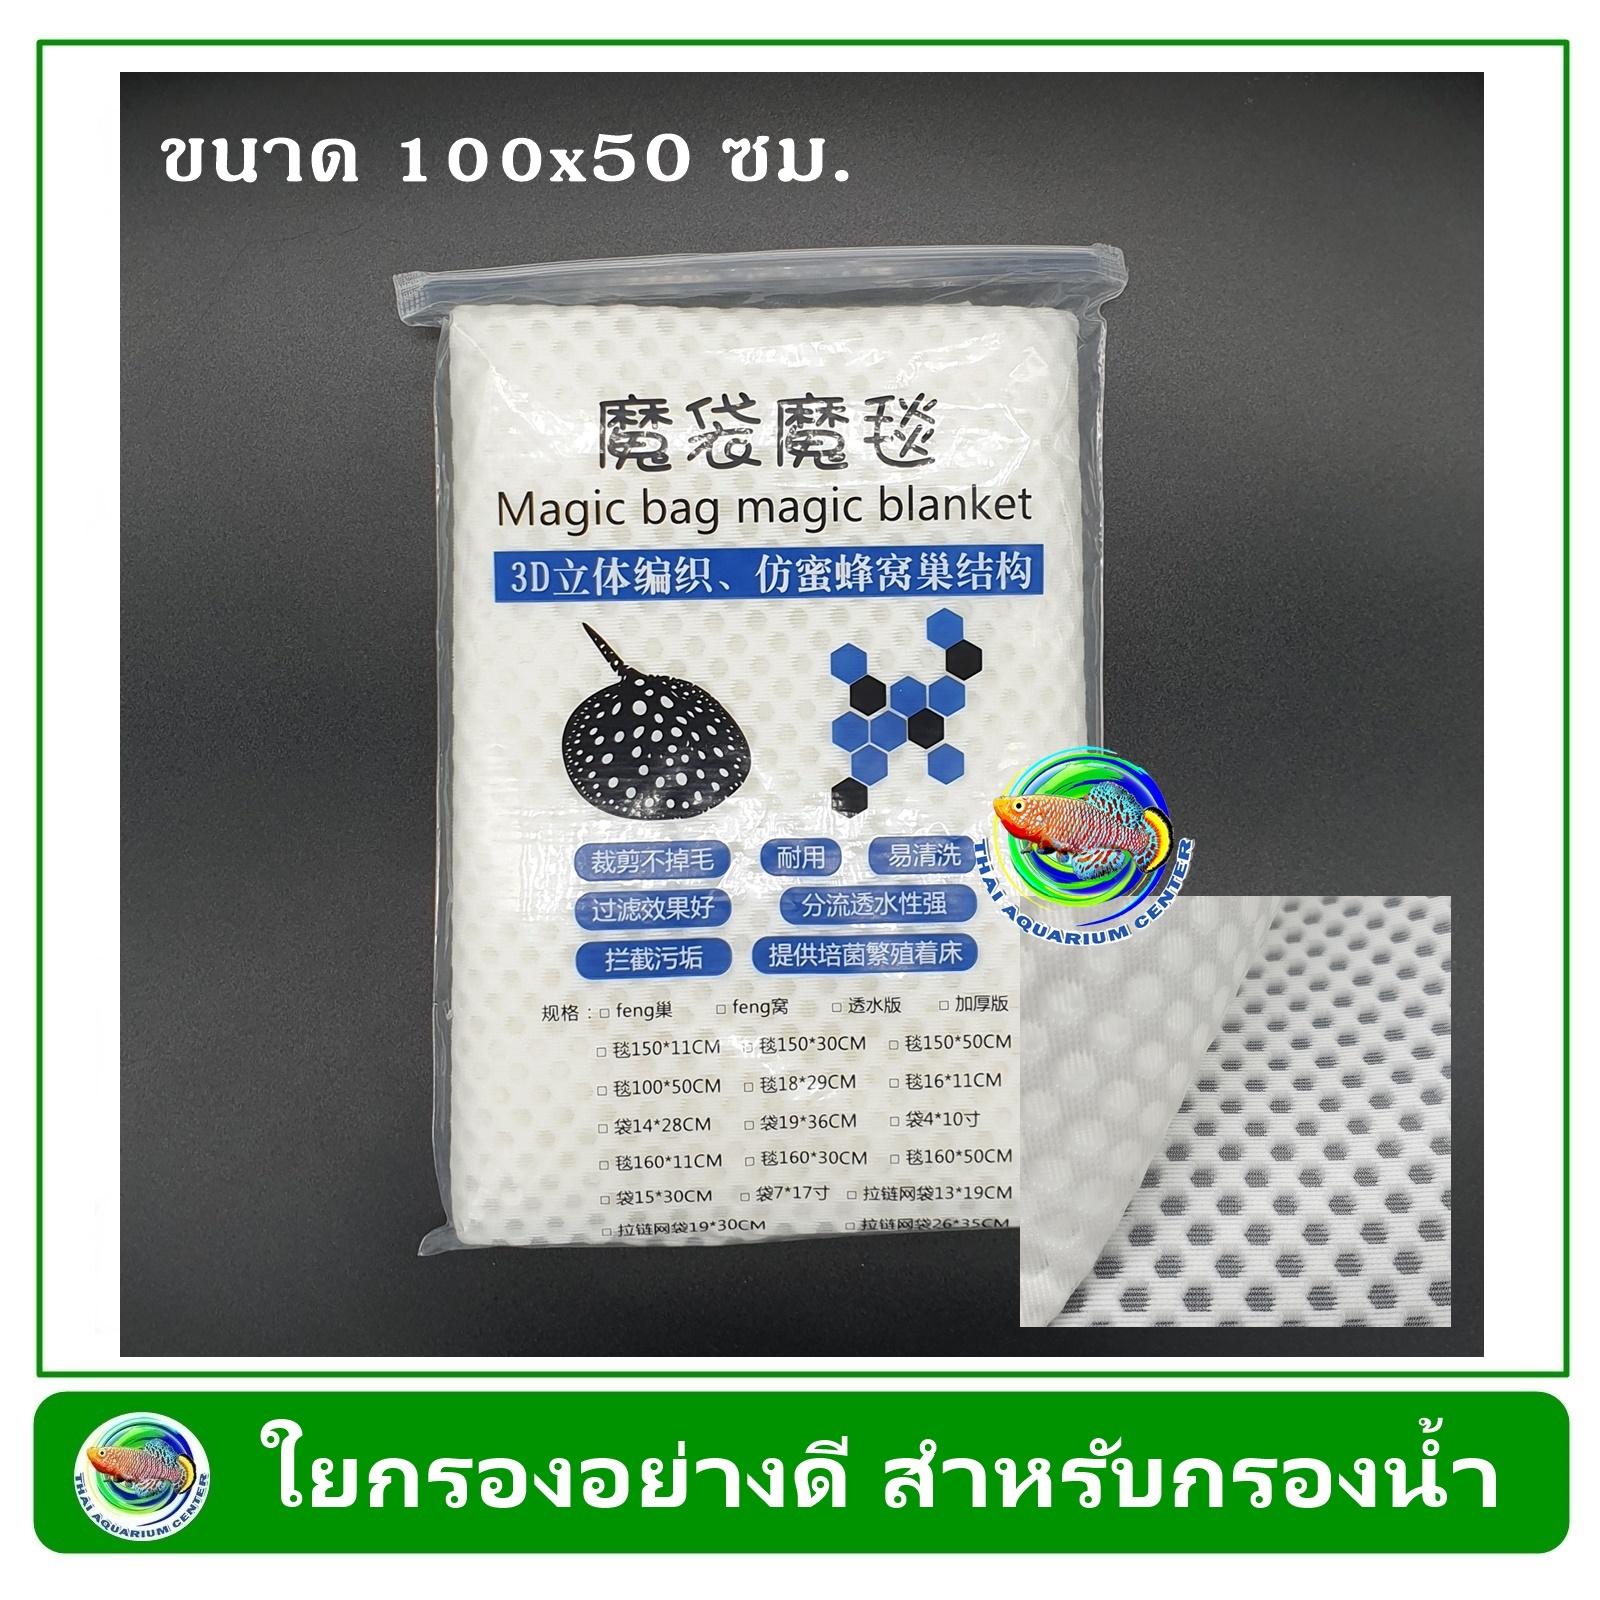 Magic Blanket ใยกรองน้ำ ใยกรองผ้าไฟเบอร์ ใยกรองละเอียดอย่างดี สีขาว ขนาด 50x100 ซม. ใช้ดักตะกอนในบ่อ